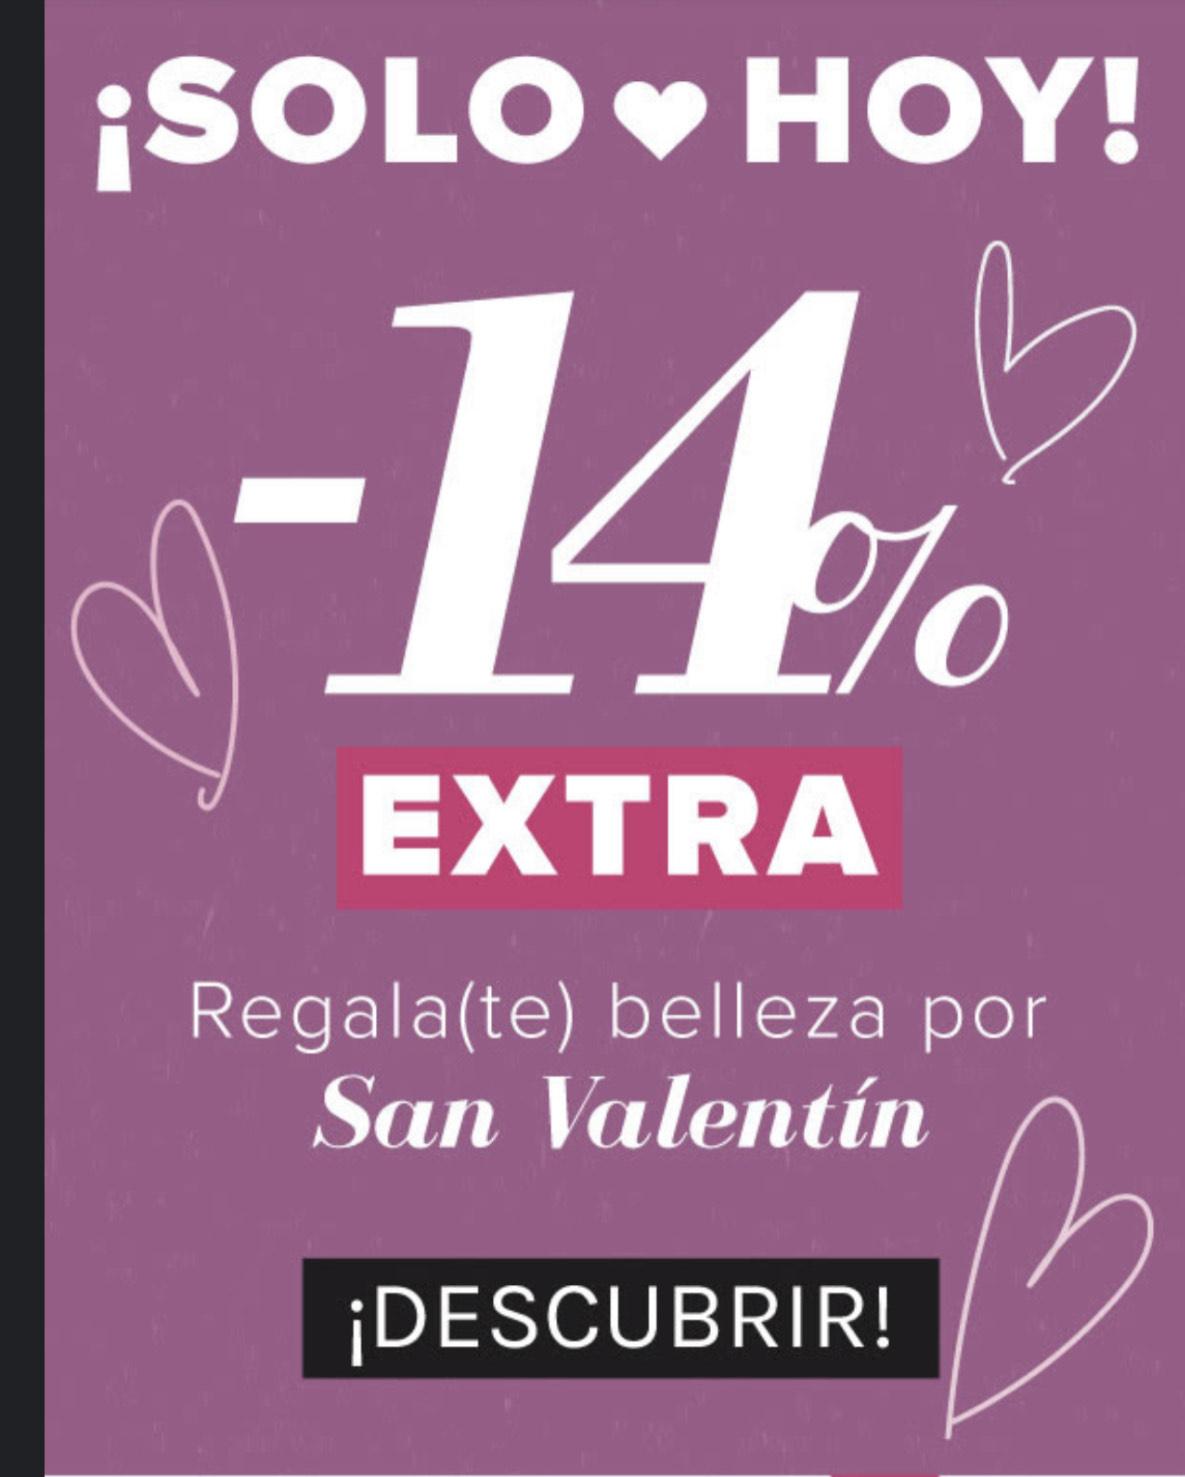 Druni-14% extra de descuento San Valentín